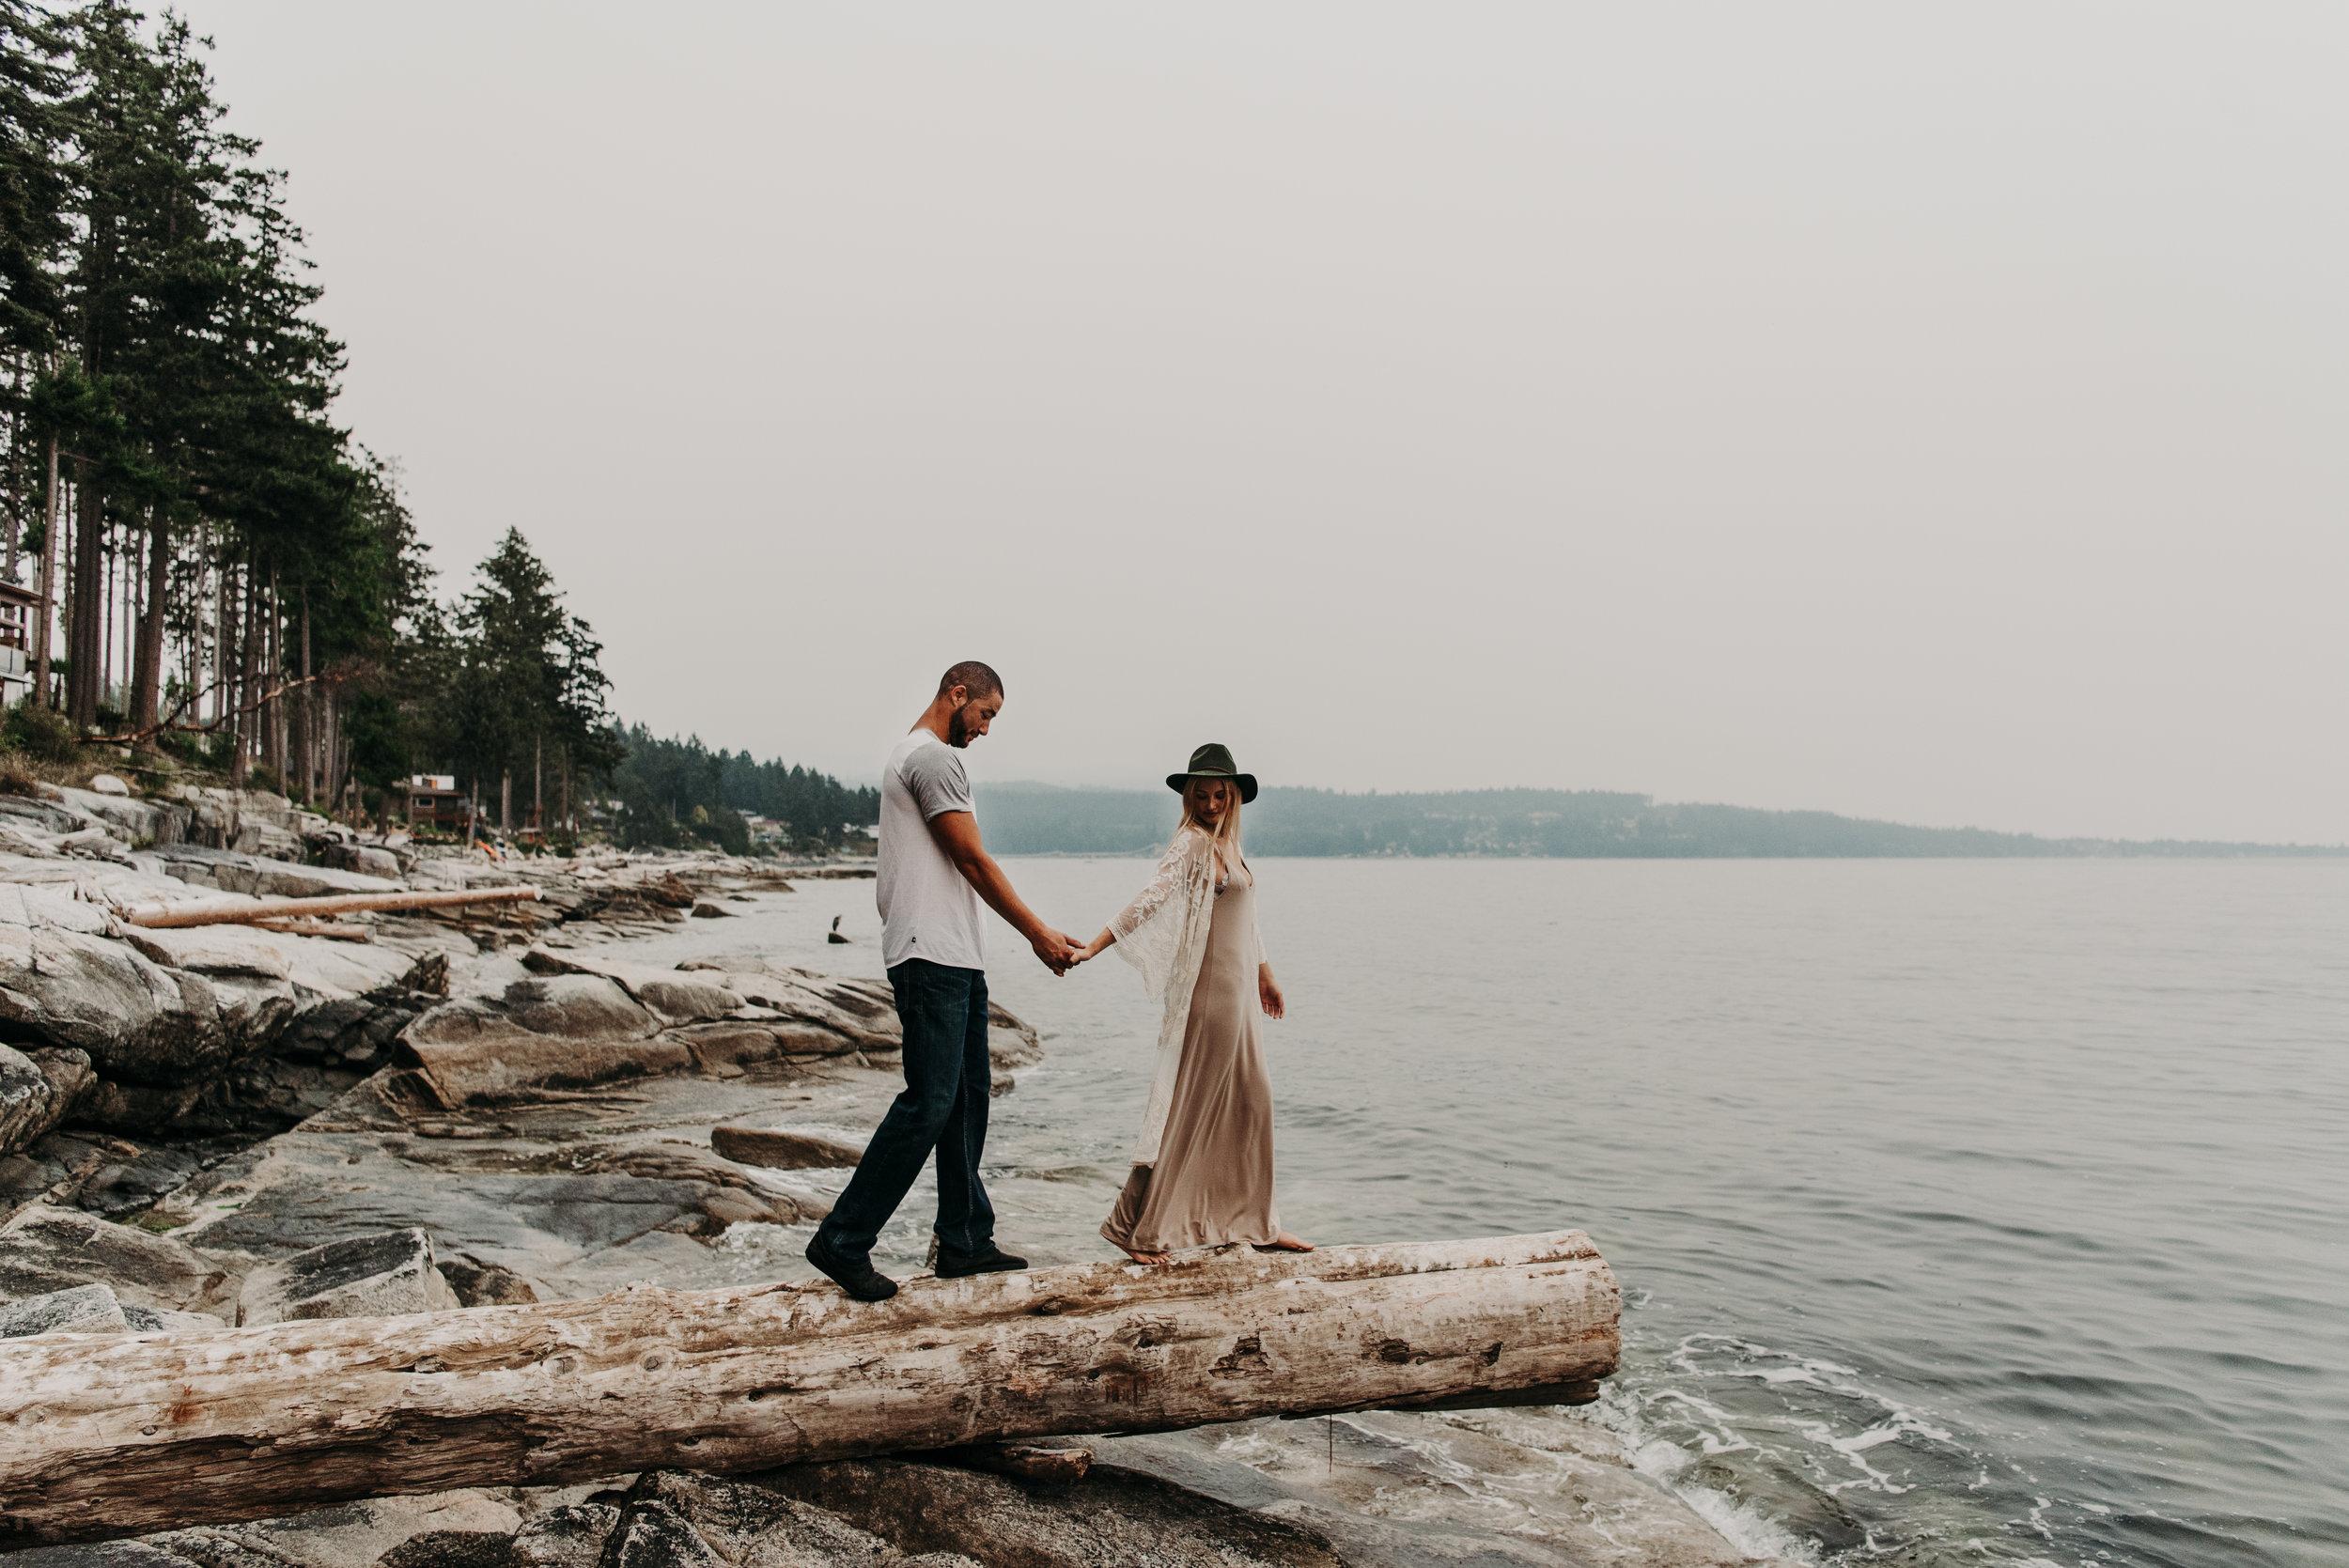 Sierra & Tyler Summer Beach Couples Session - Laura Olson Photography - Sunshine Coast BC Photographer-2475.jpg